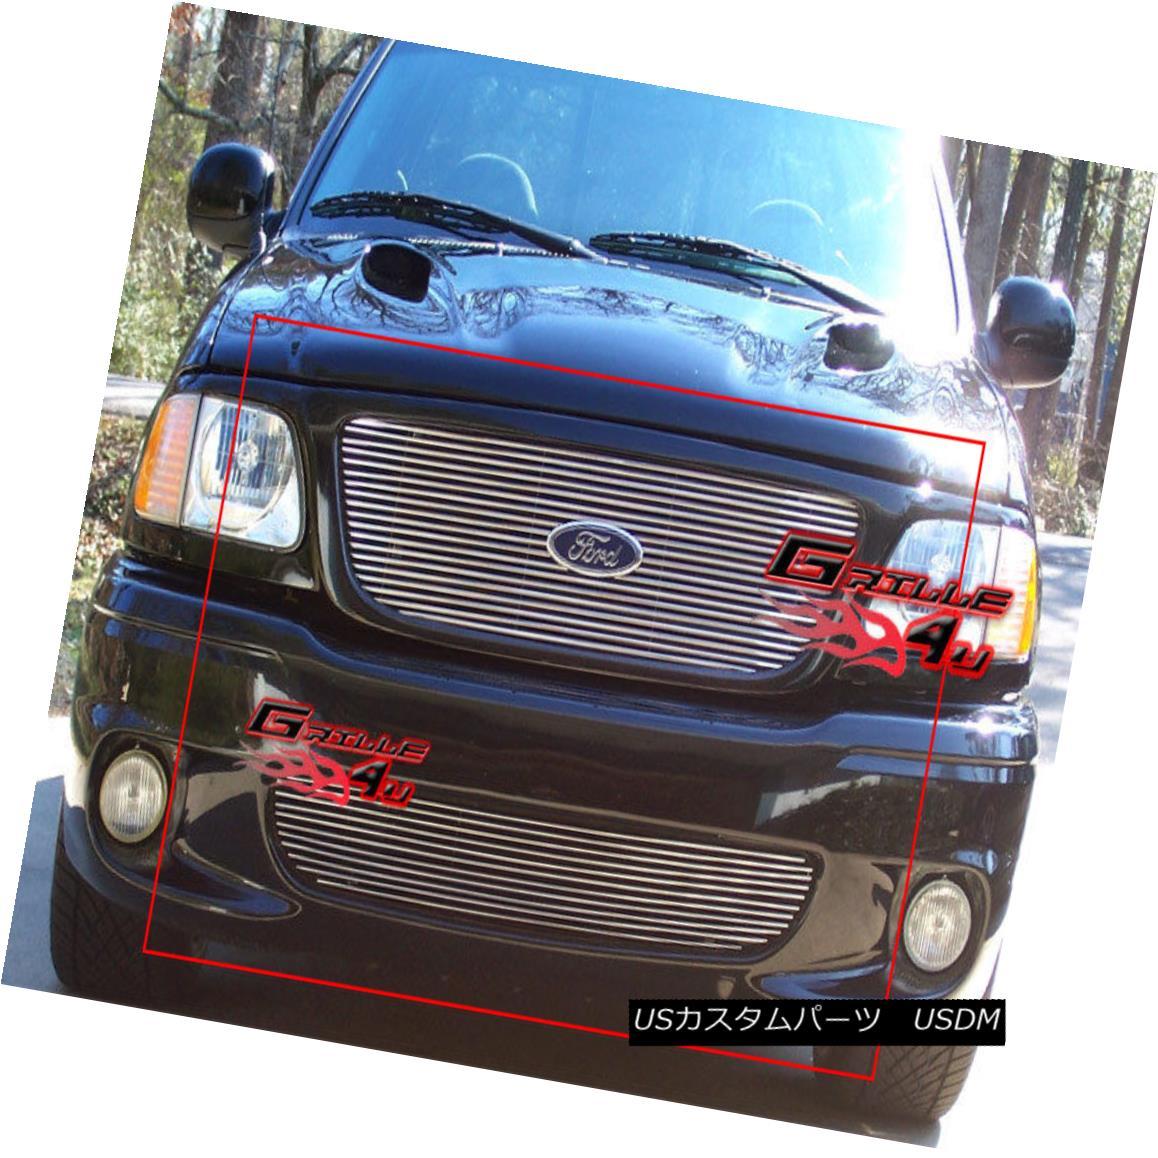 グリル For 99-03 Ford F-150 Lightning Billet Grille Combo Insert 99-03フォードF-150ライトニングビレットグリルコンボインサート用